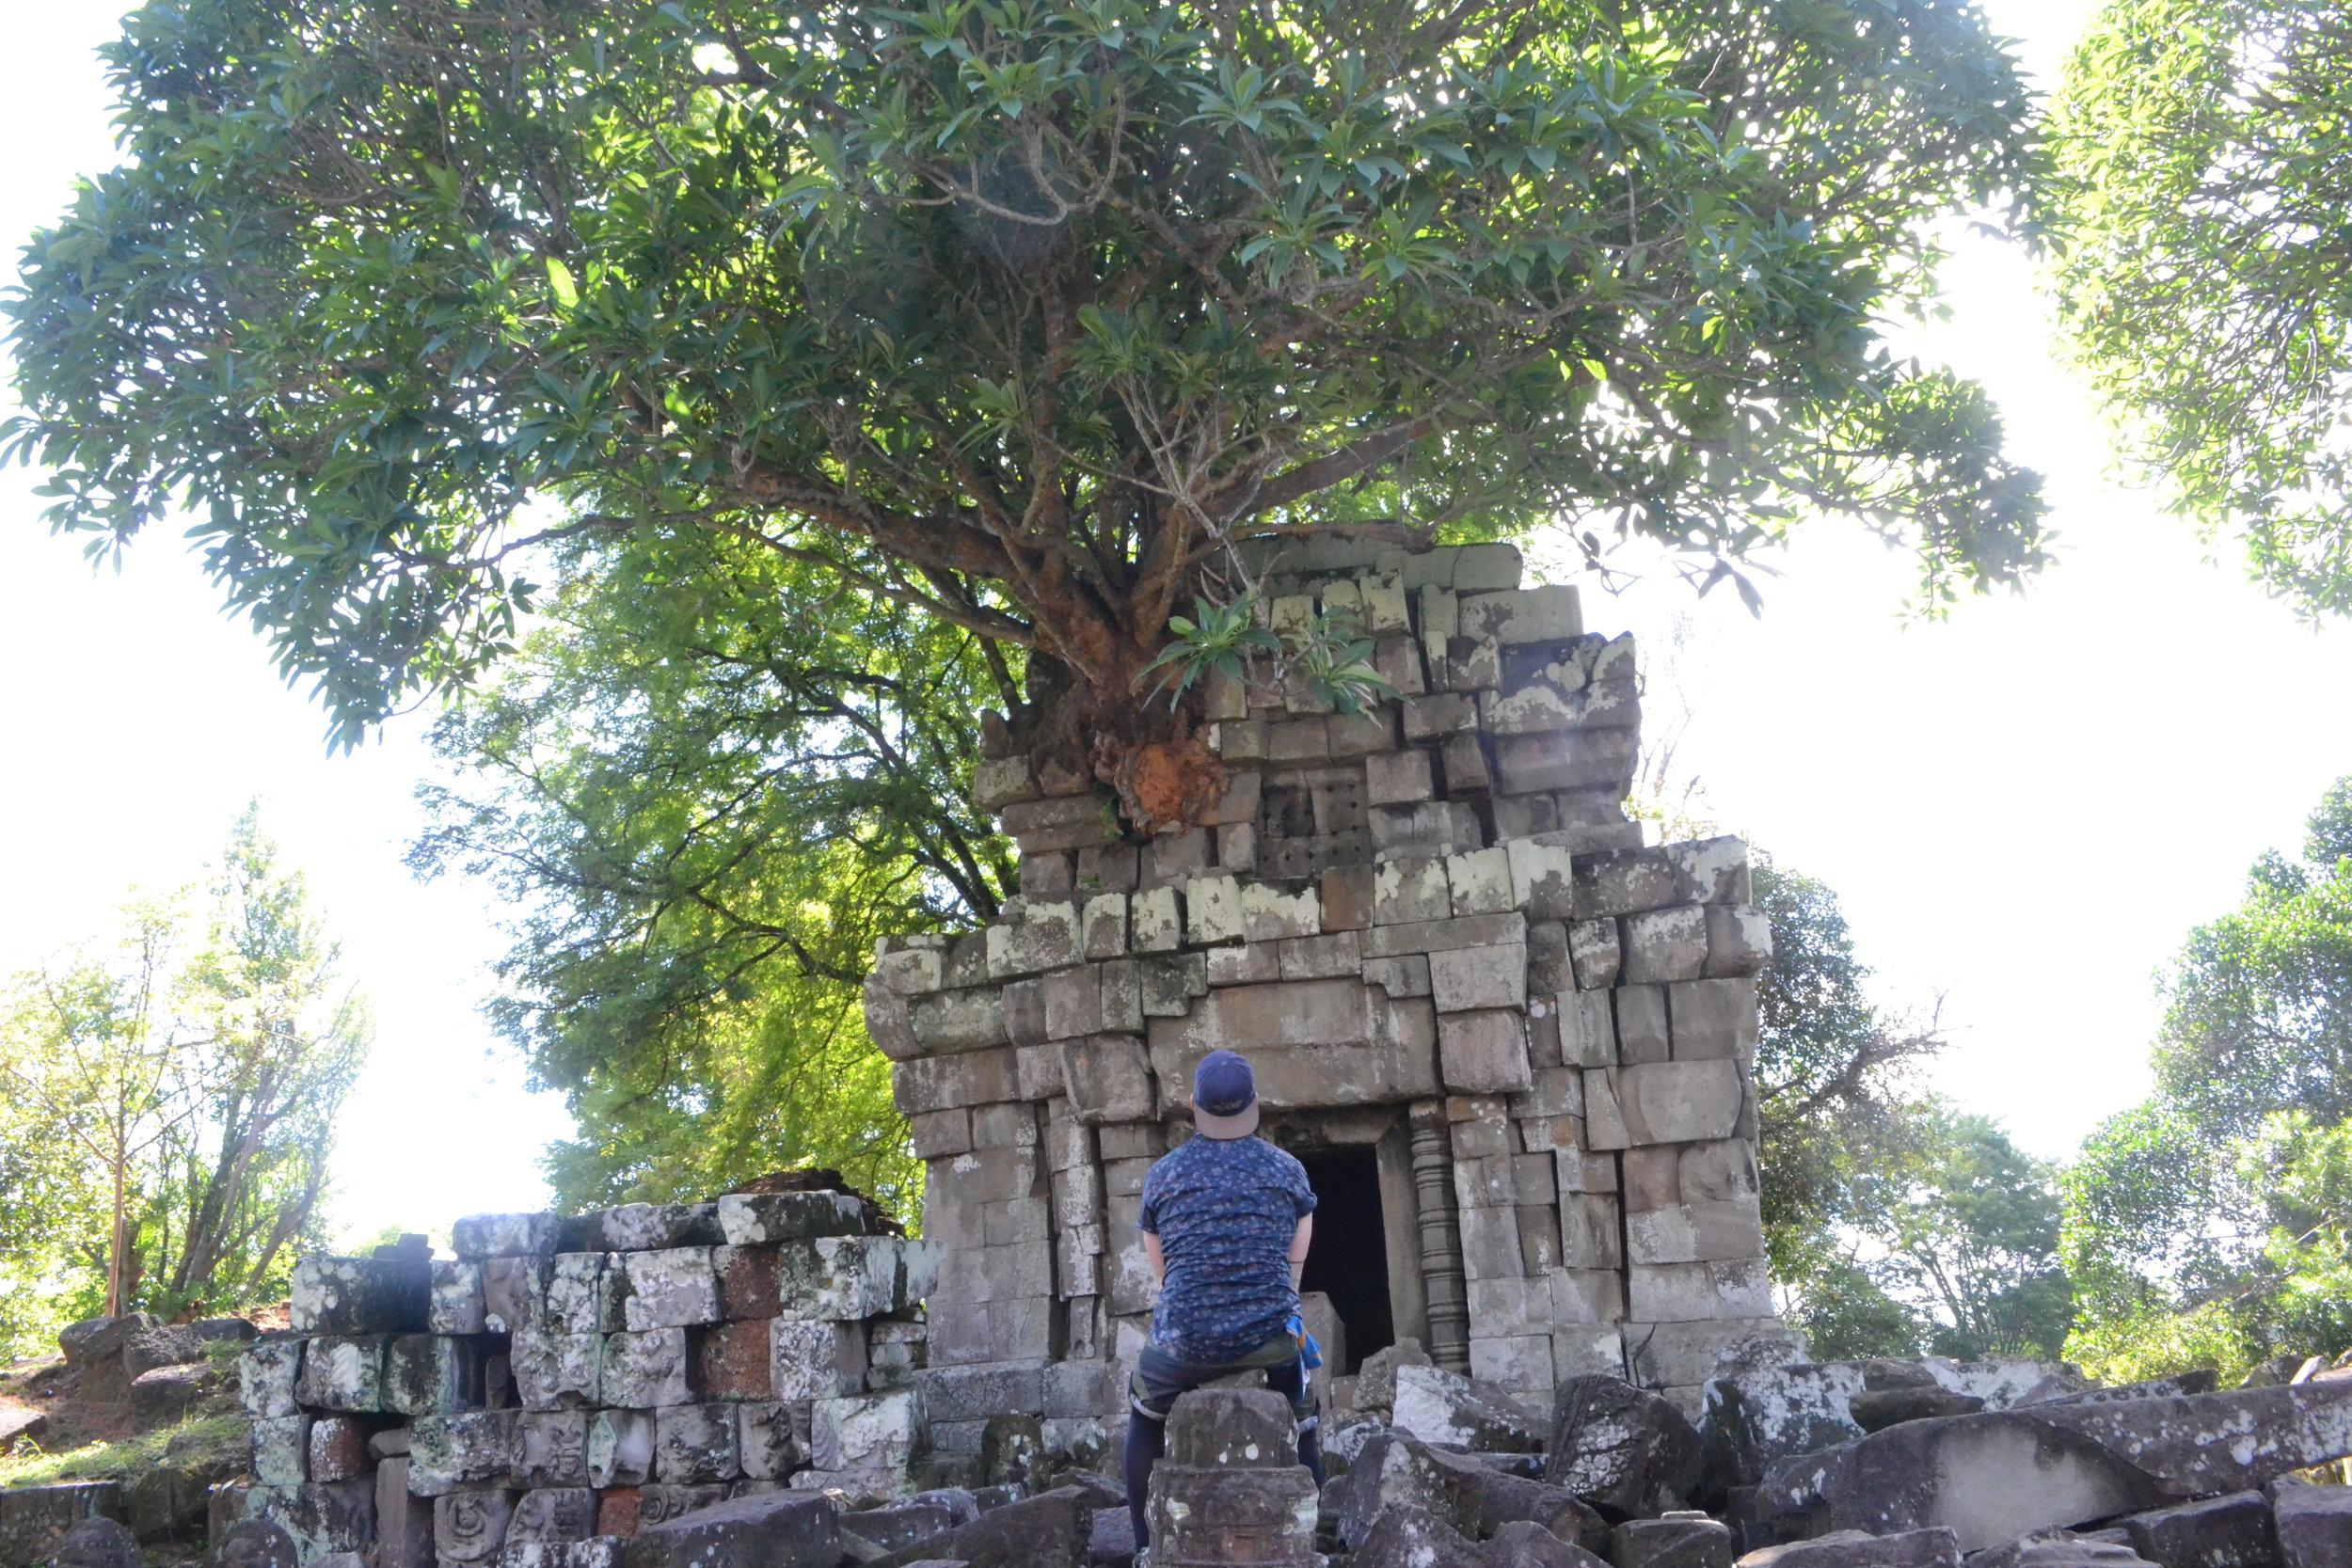 Admiring natures course at Phnom Bok, Angkor.